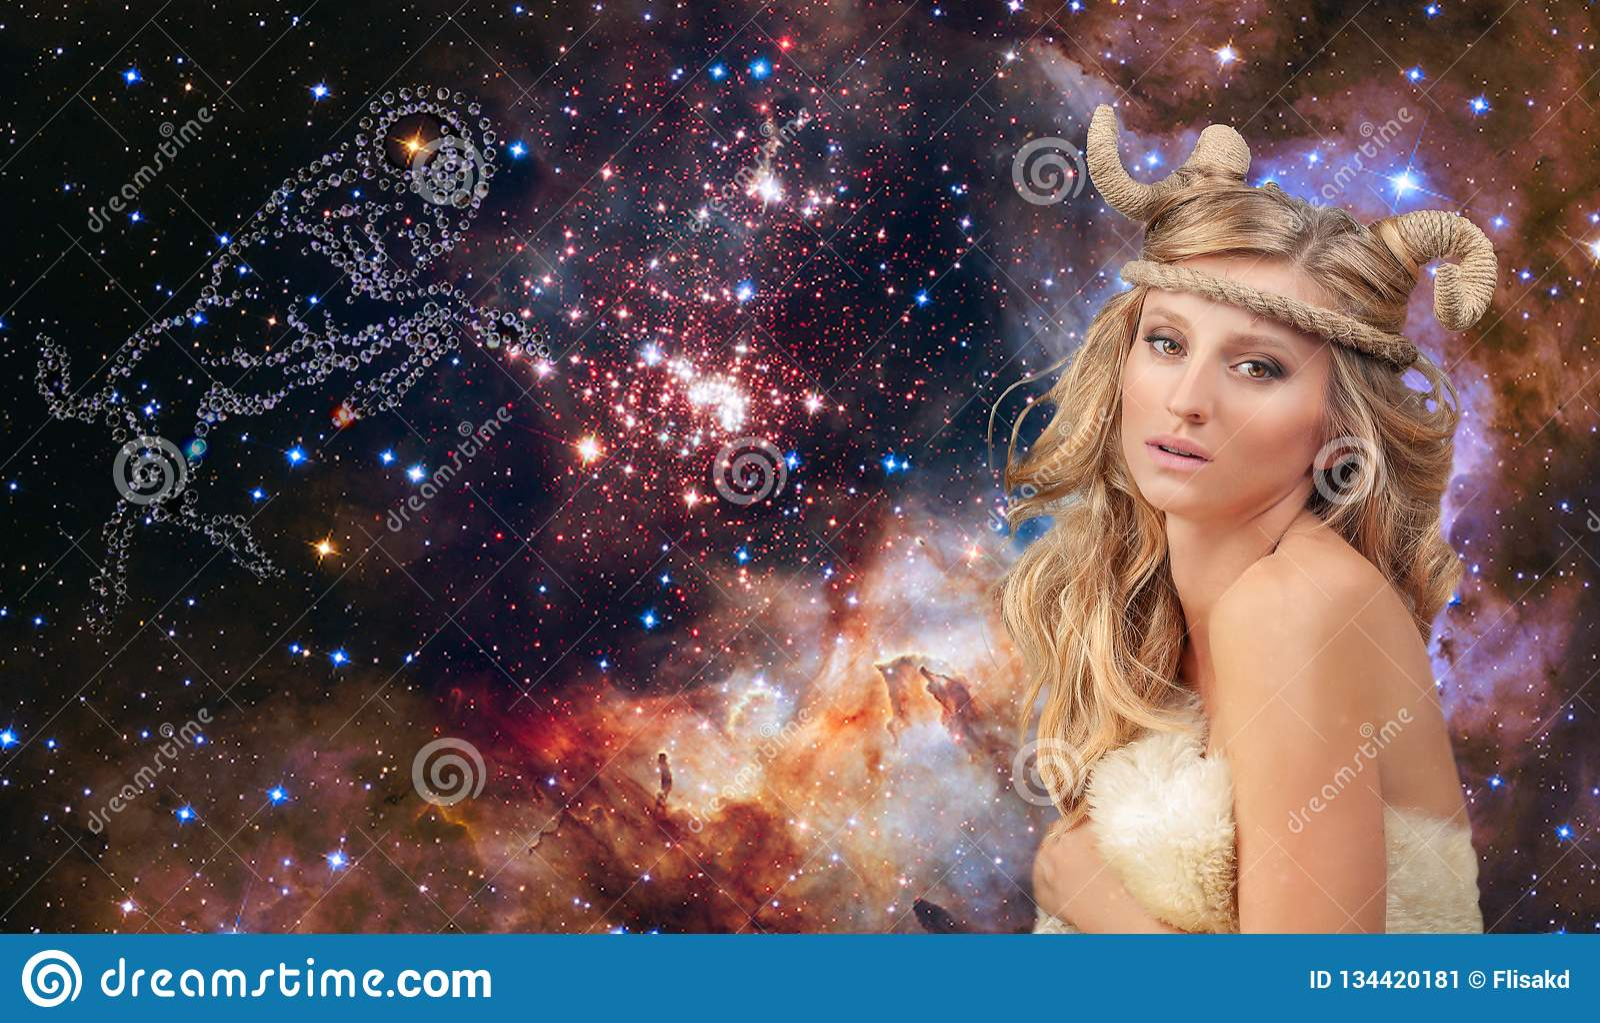 Astrologia e oroscopo Aries Zodiac Sign, bello Ariete della donna sui precedenti della galassia